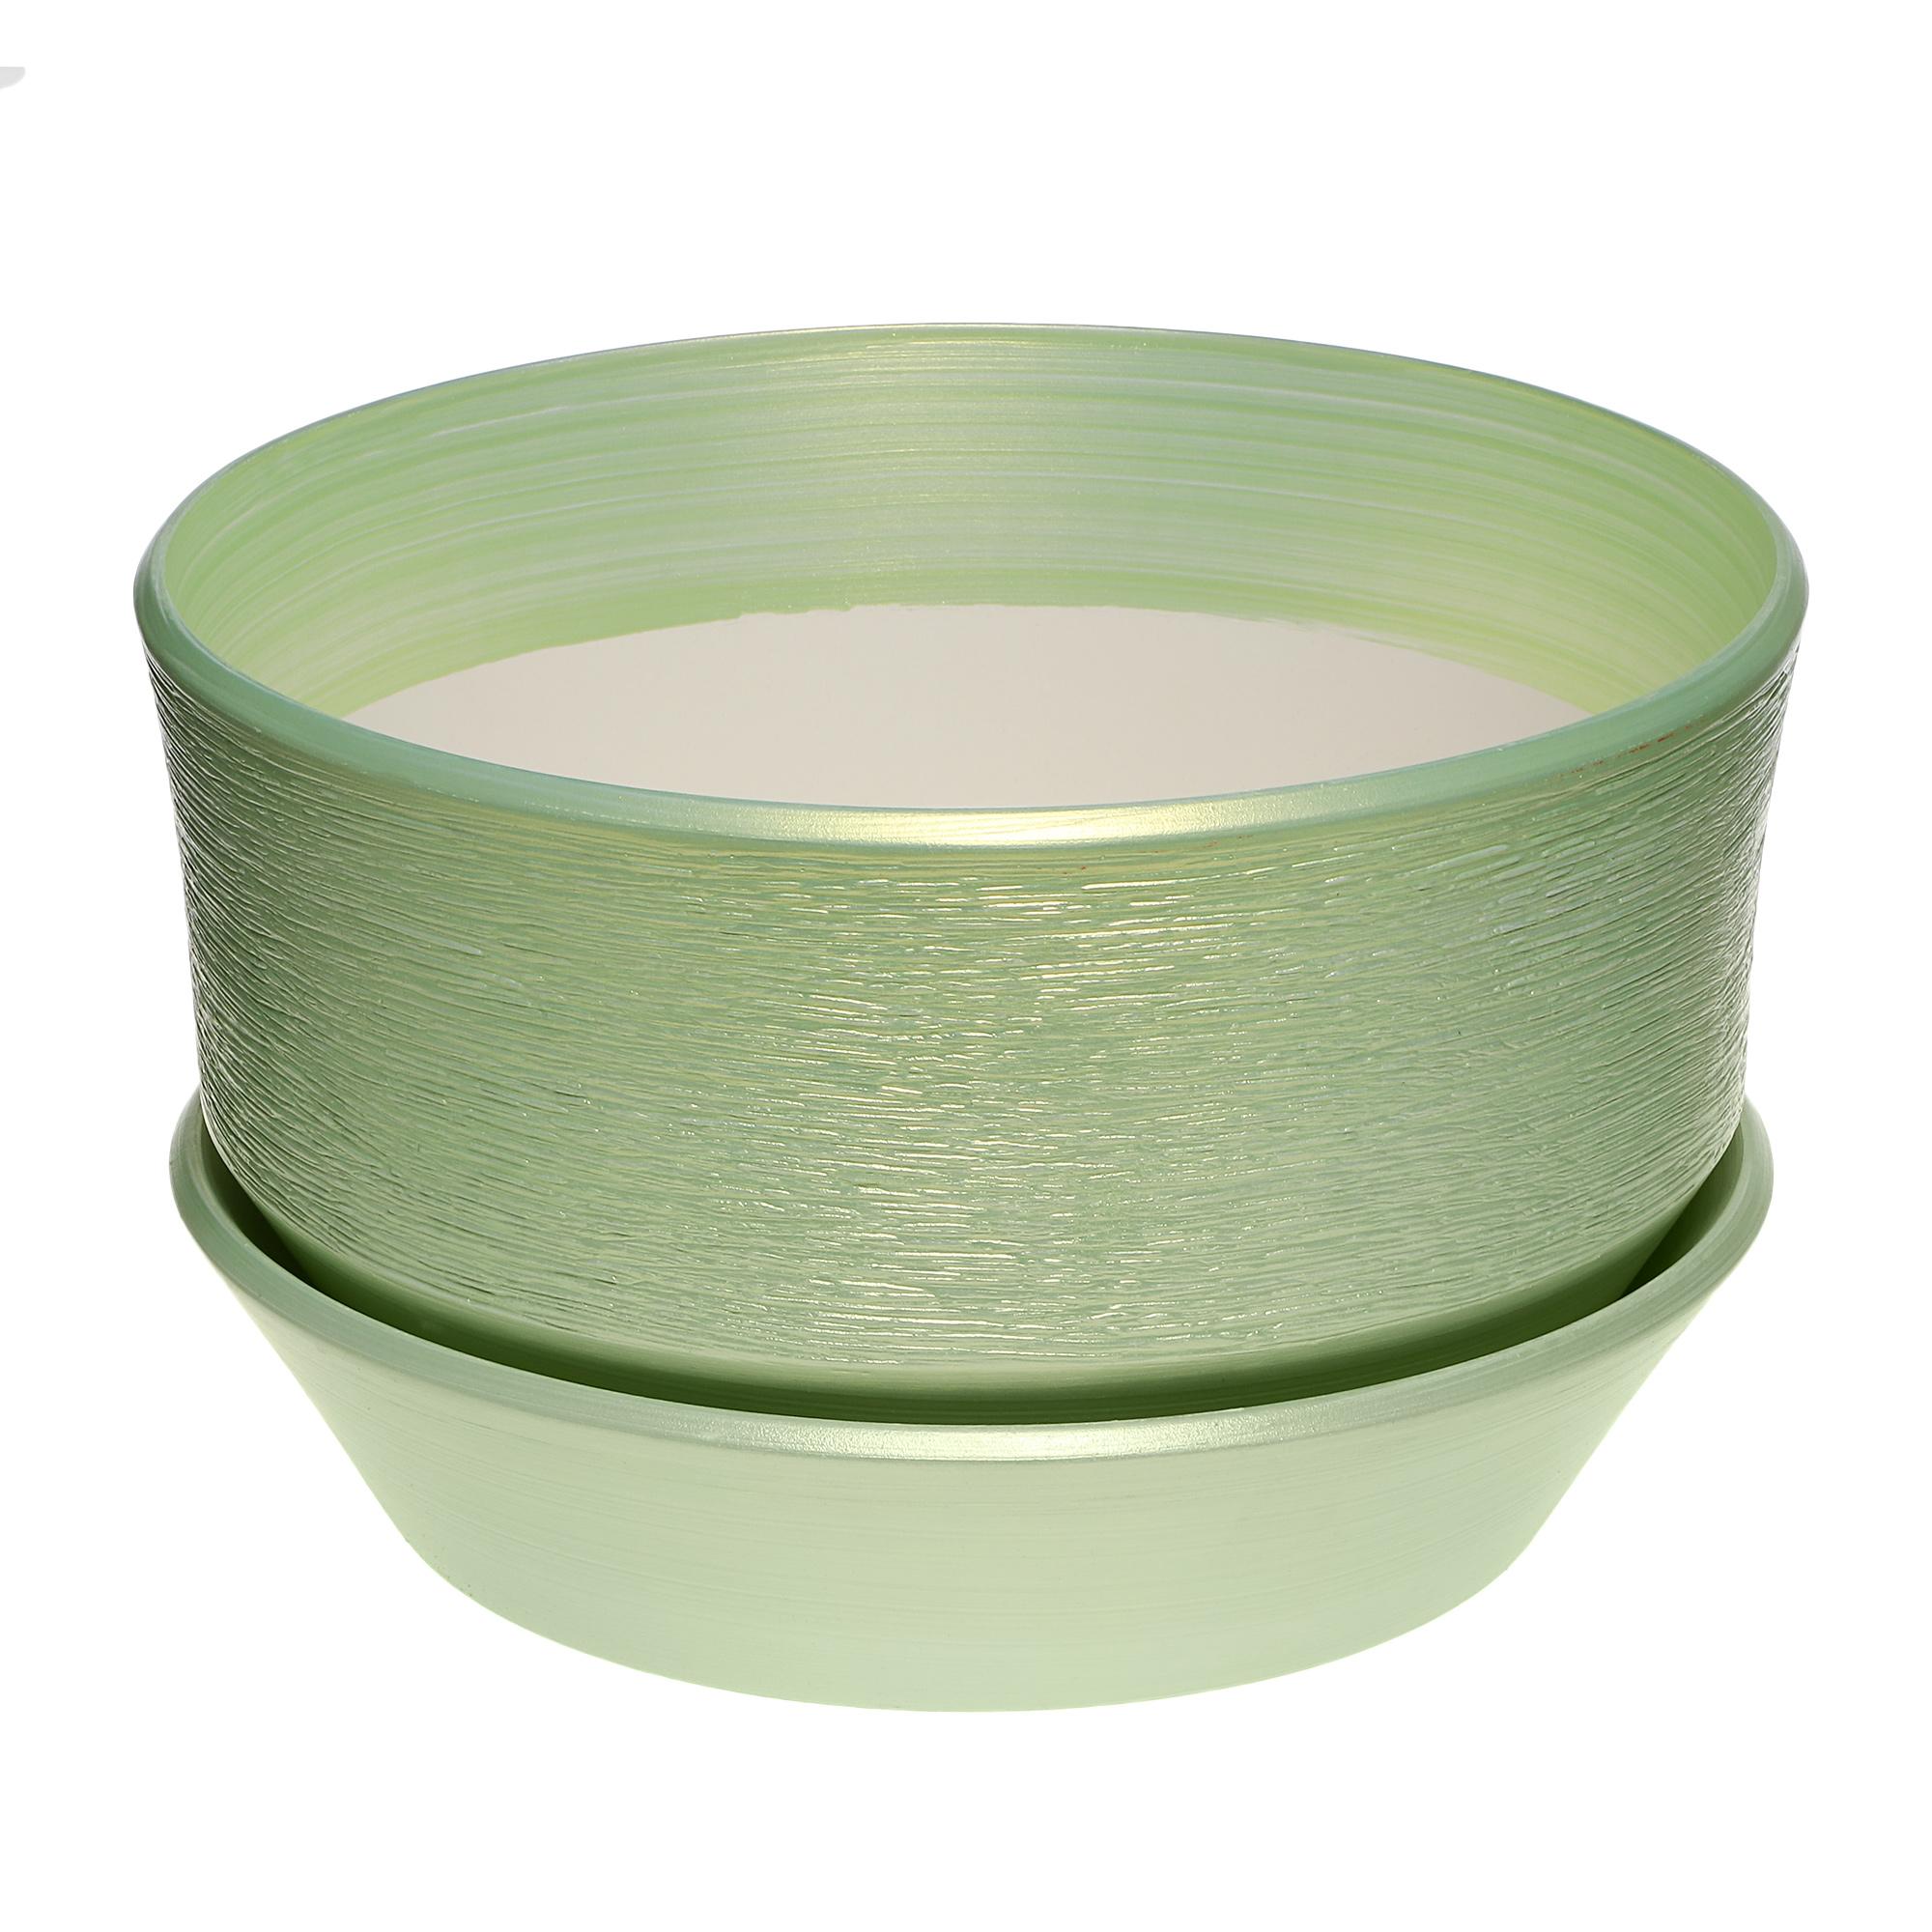 Фото - Горшок с поддоном керамический для цветов Керам бокарнейница салатовый d 32см. горшок с поддоном керамический для цветов керам ксения глянец зеленый 9см